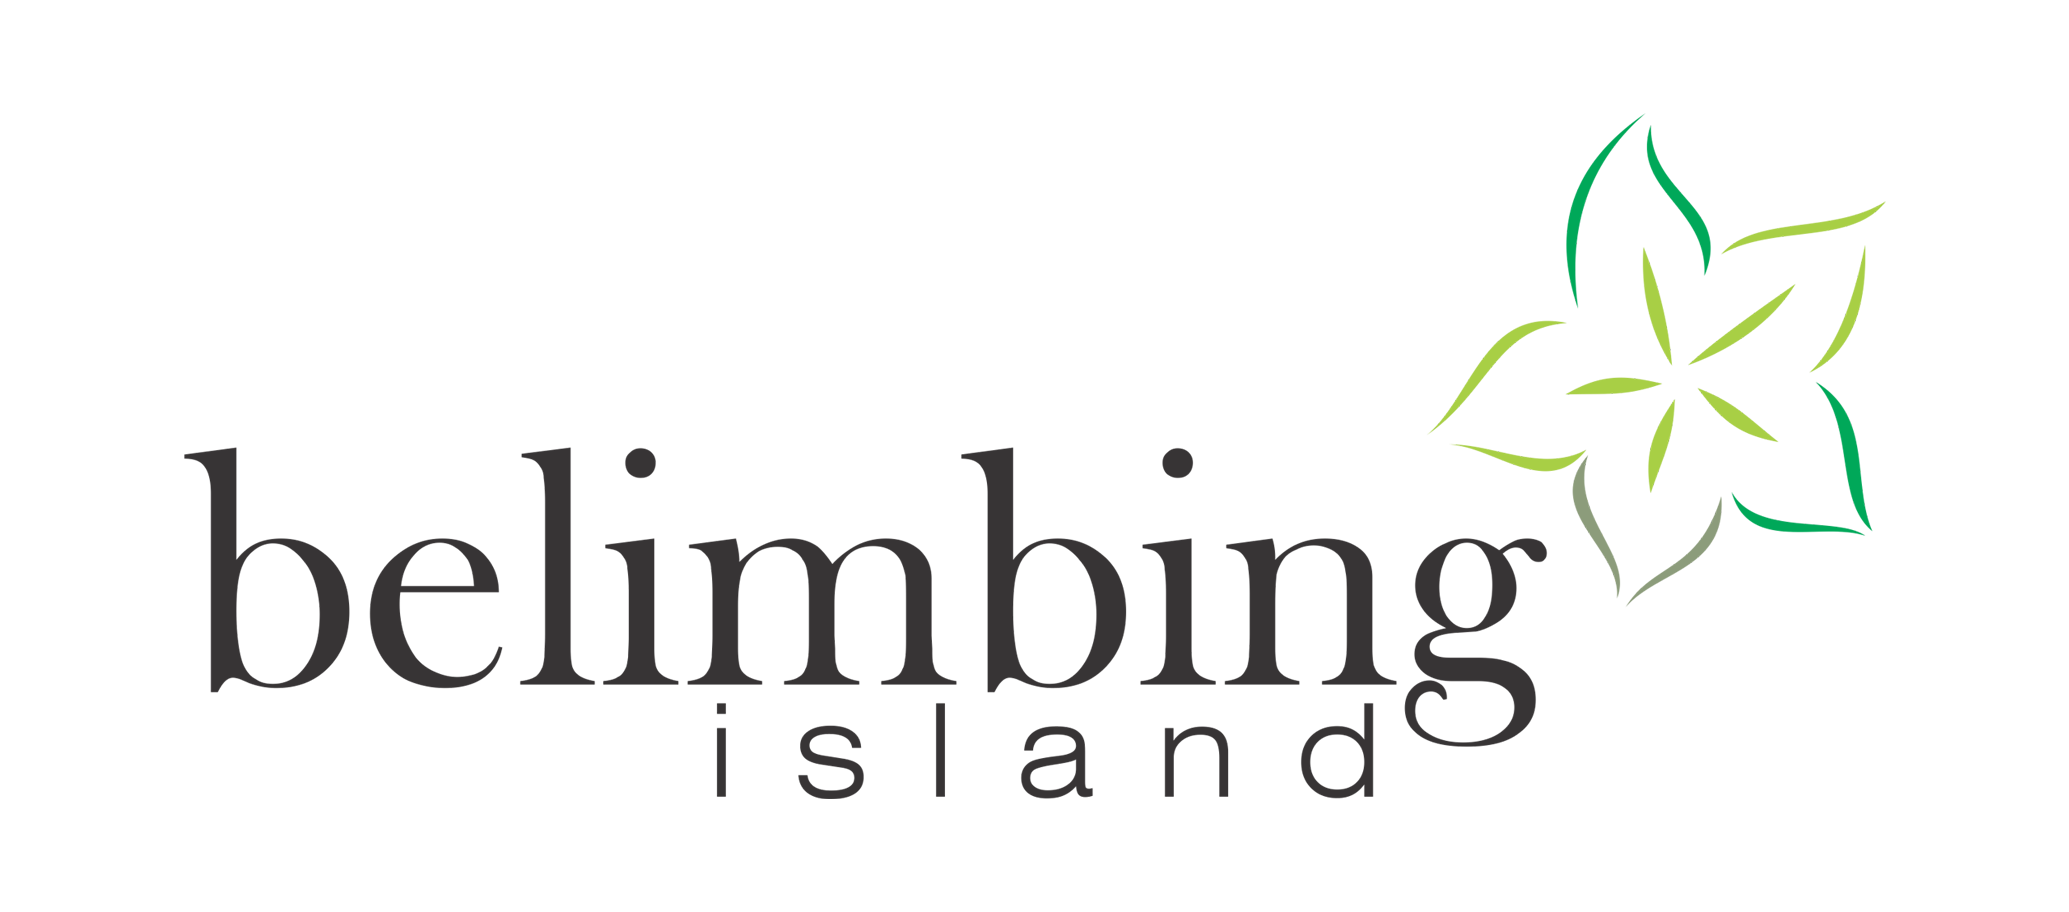 Belimbing Island